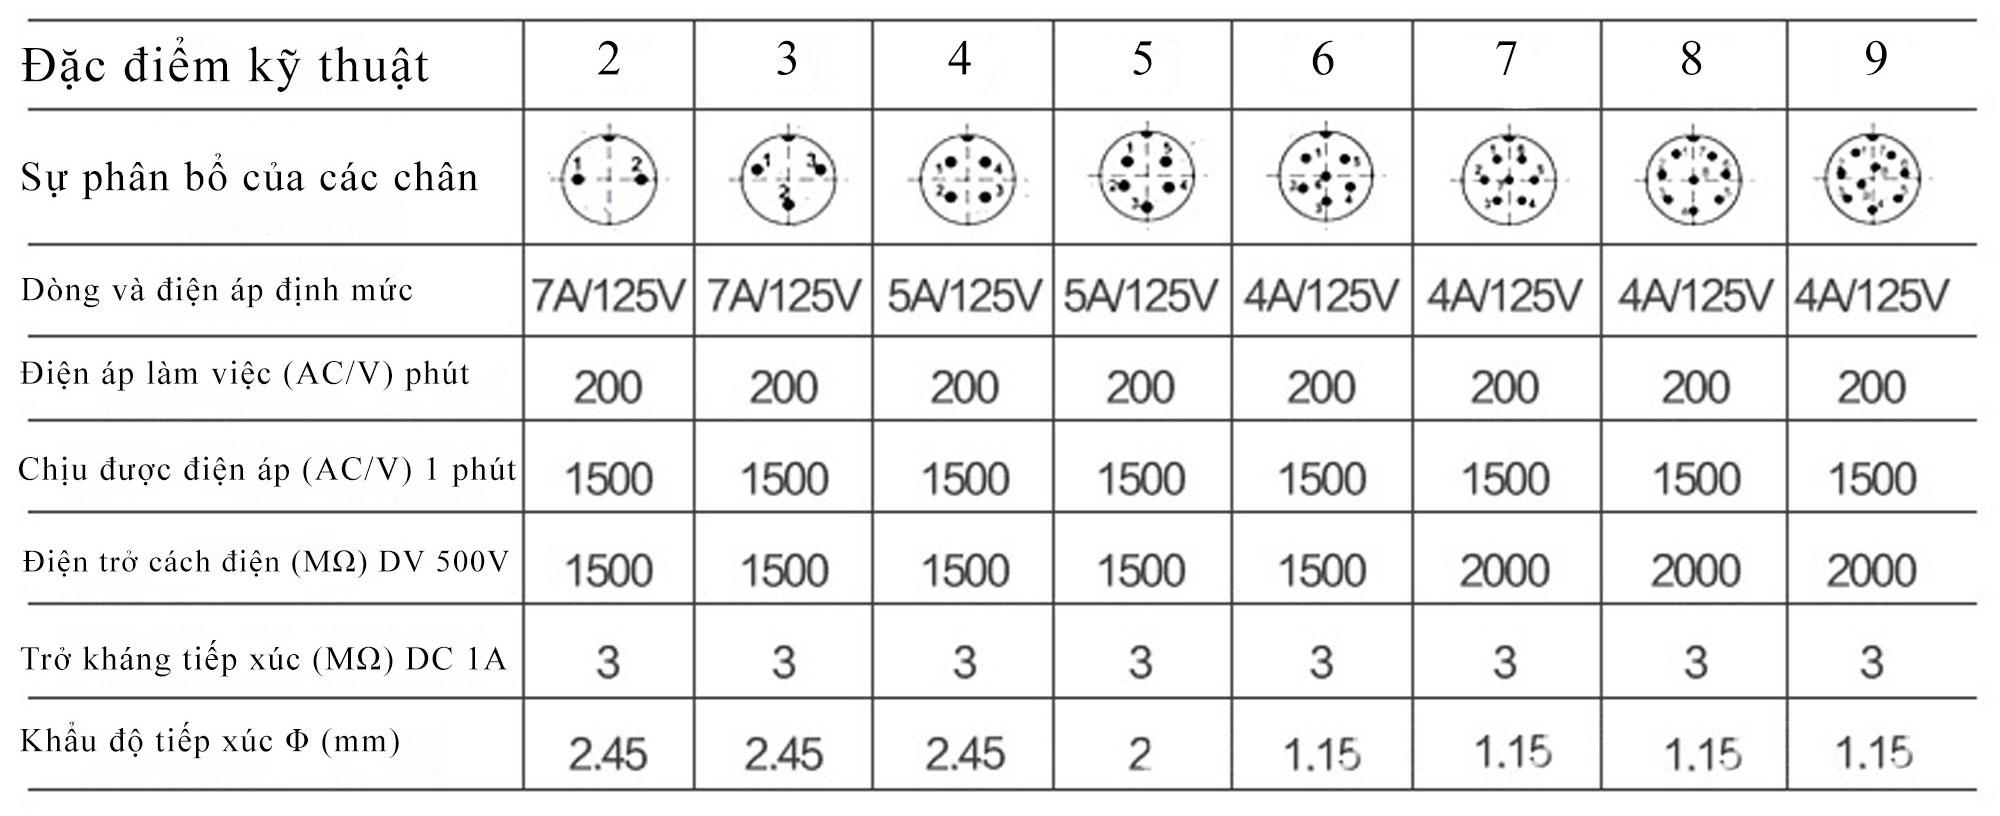 Bảng thông số Đầu Nối Tròn GX12